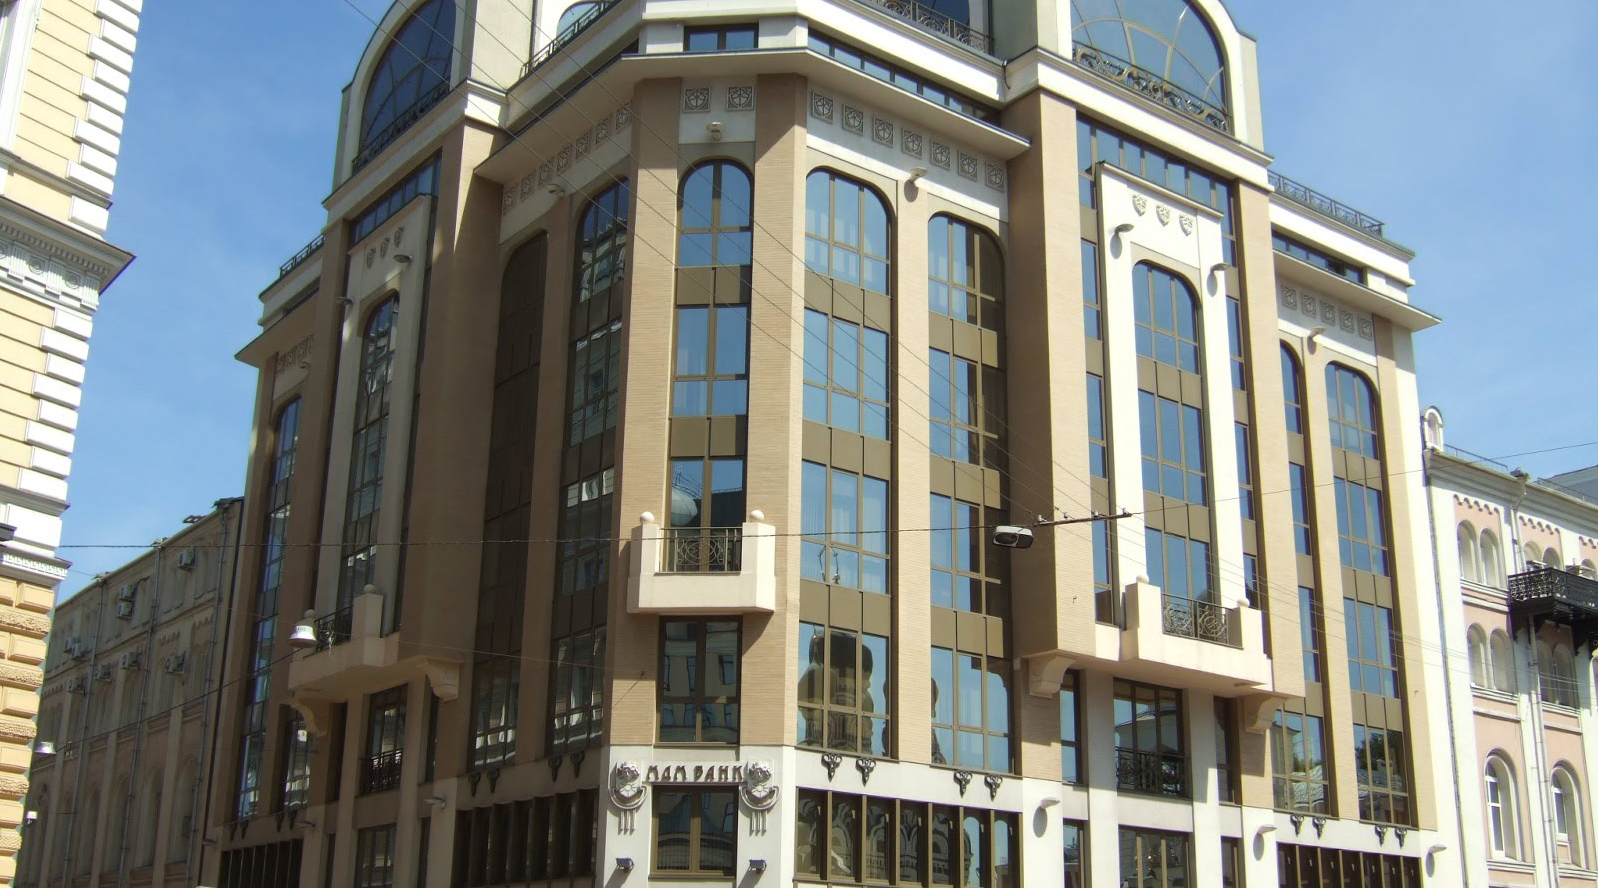 """Poslovna zgrada""""МДМ БАНК"""" , Sadovničeskaya., Moskva, Rusija"""